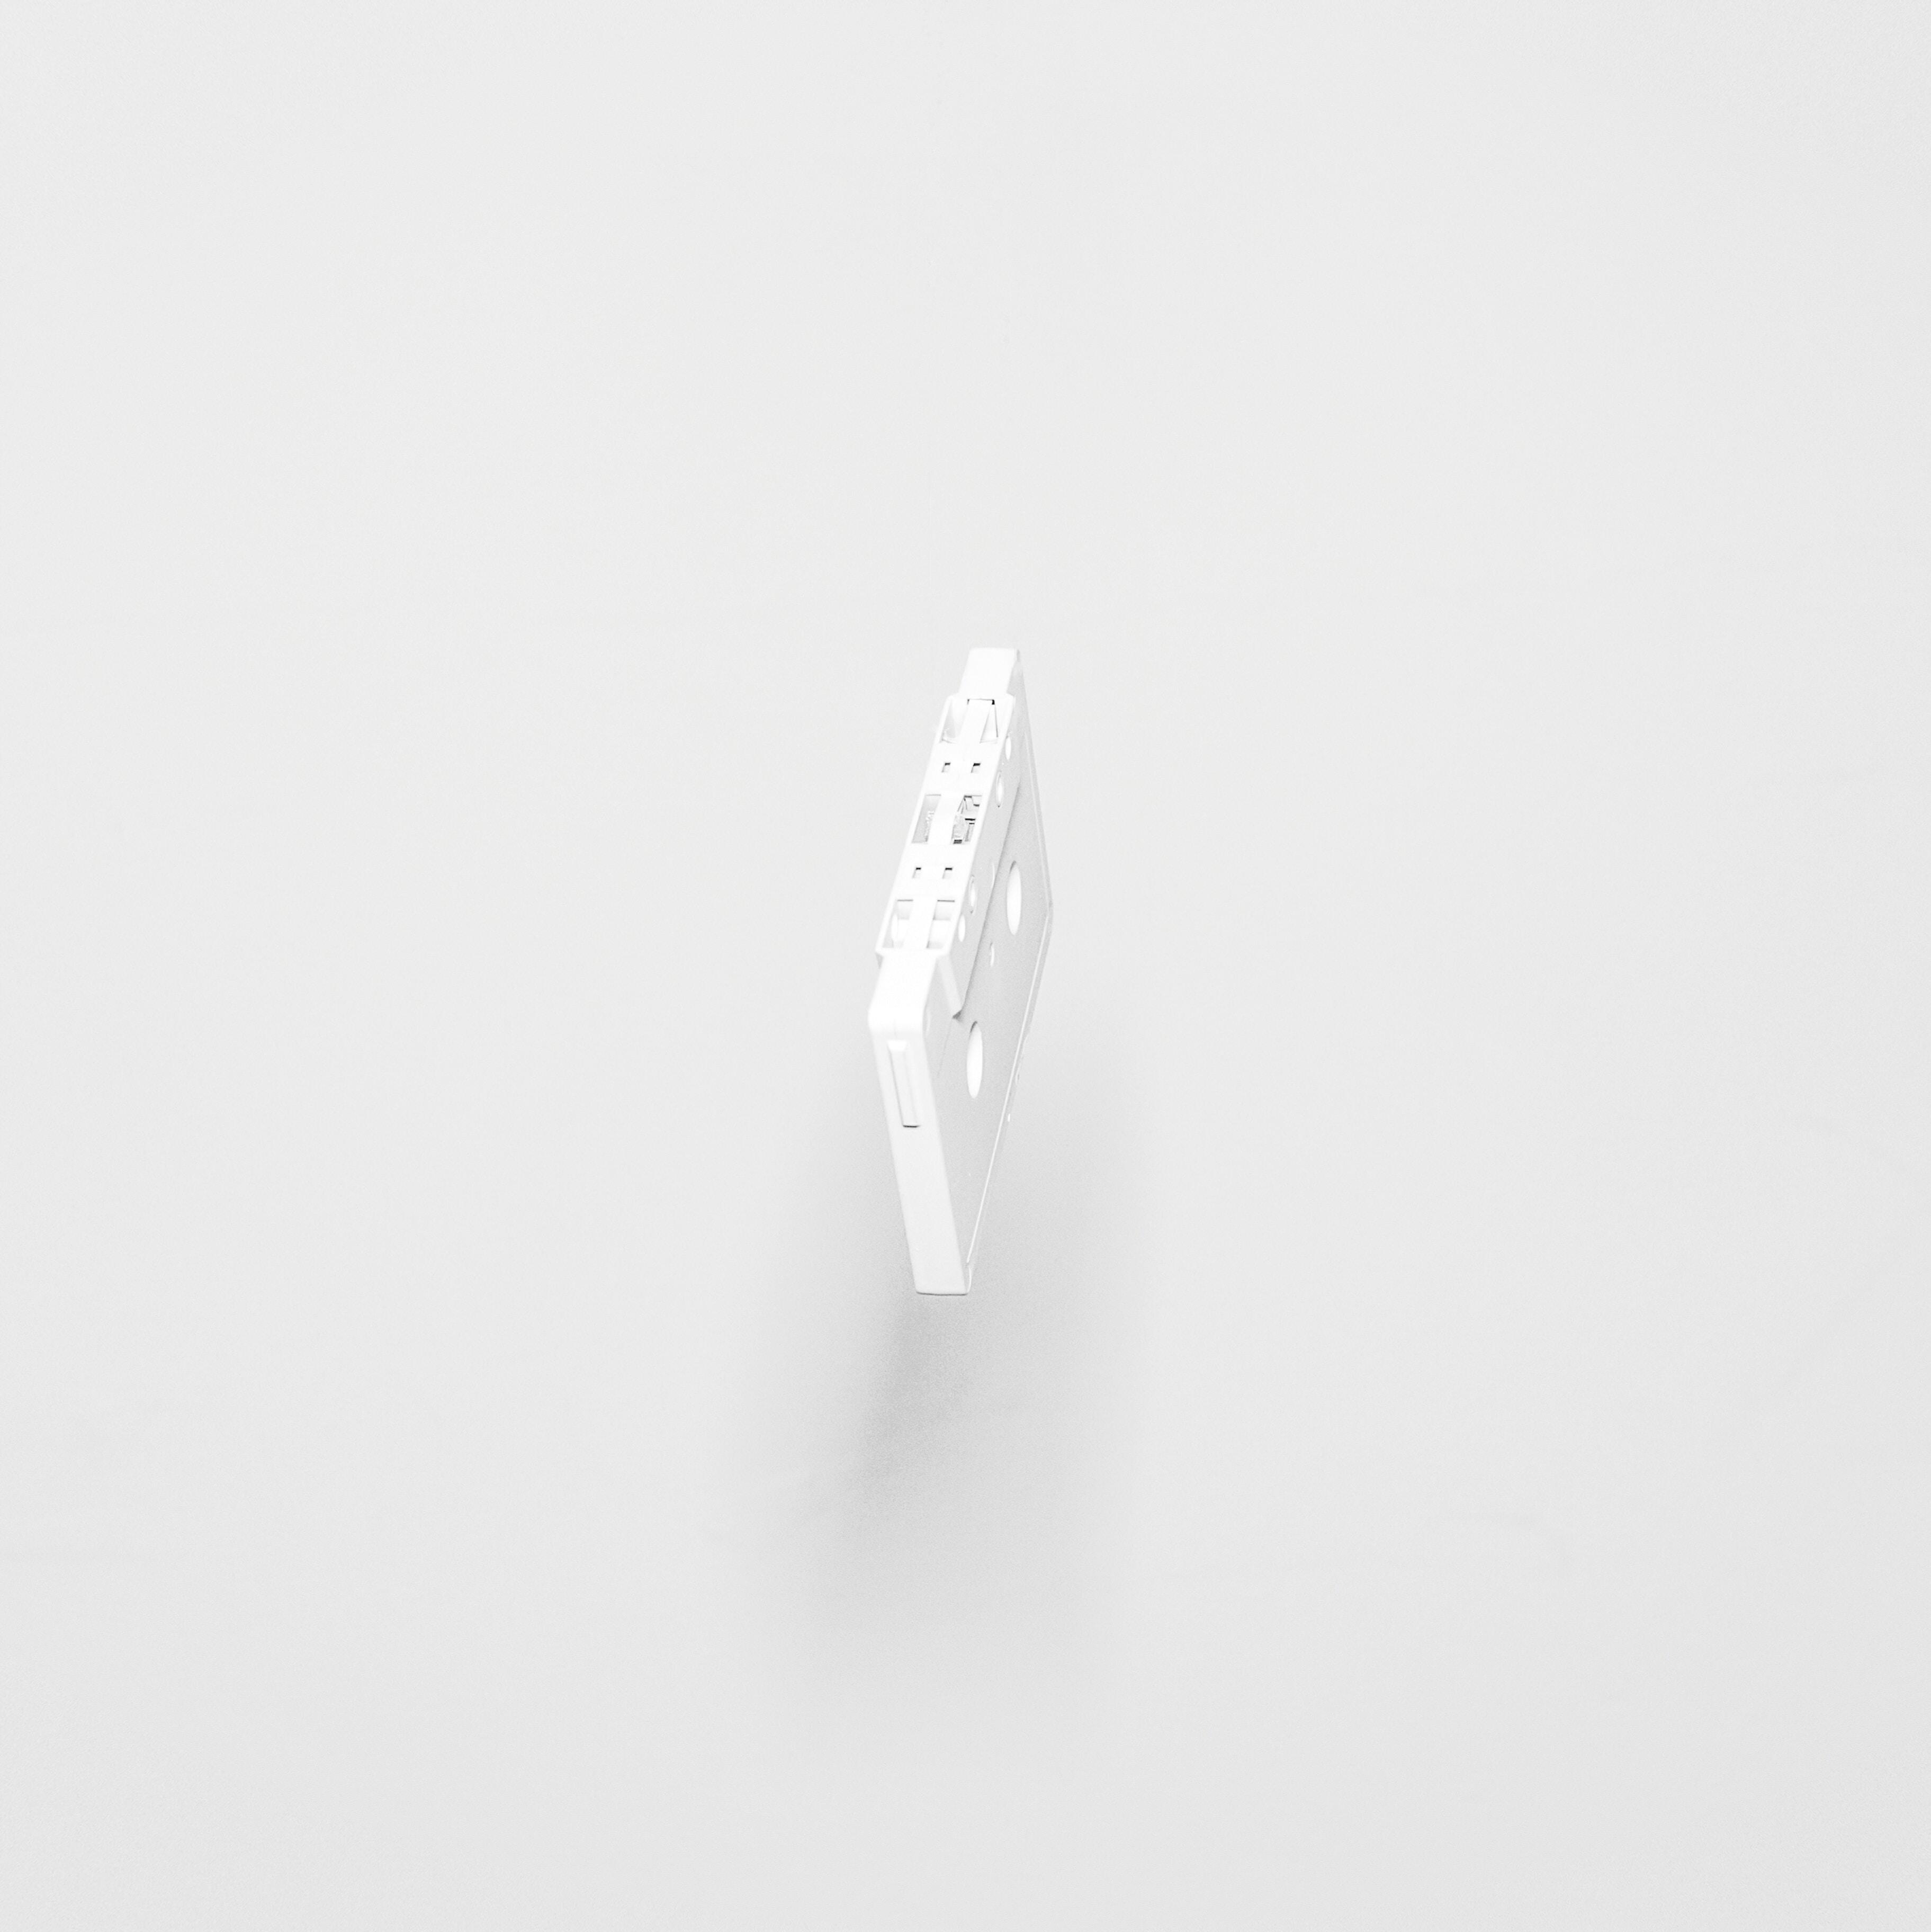 Ảnh Background nền trắng đẹp